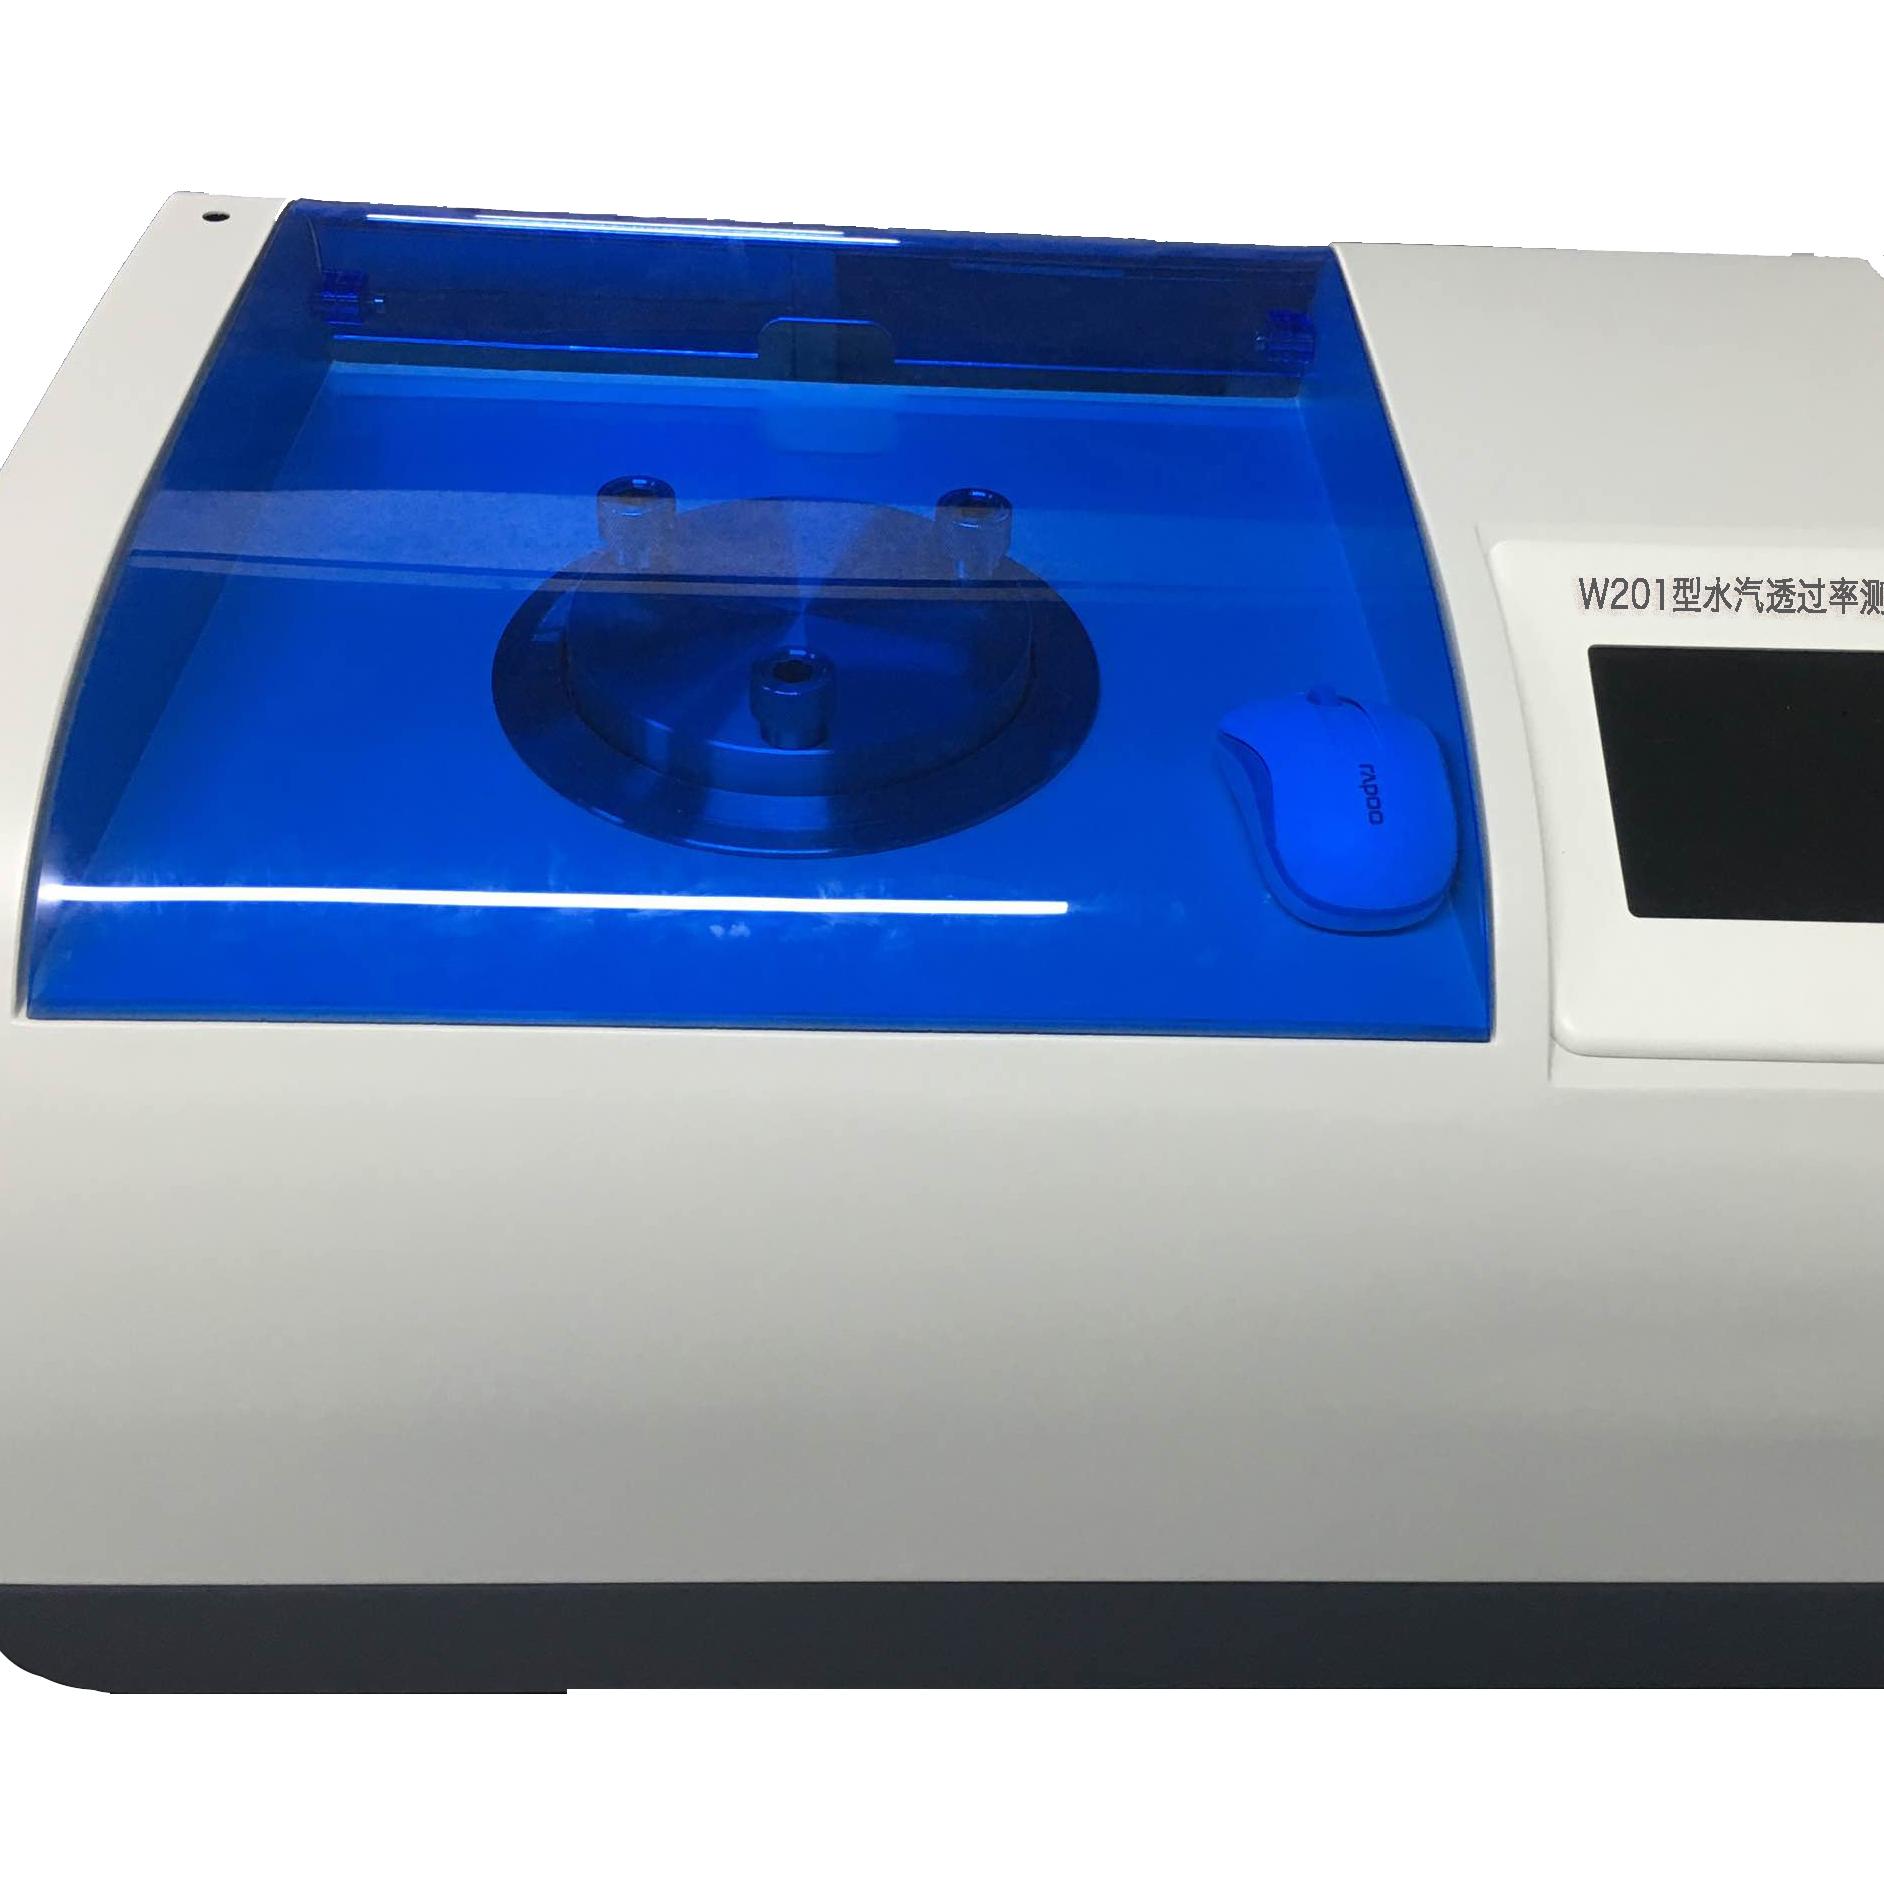 广州标际w401单腔红外传感器法透湿仪